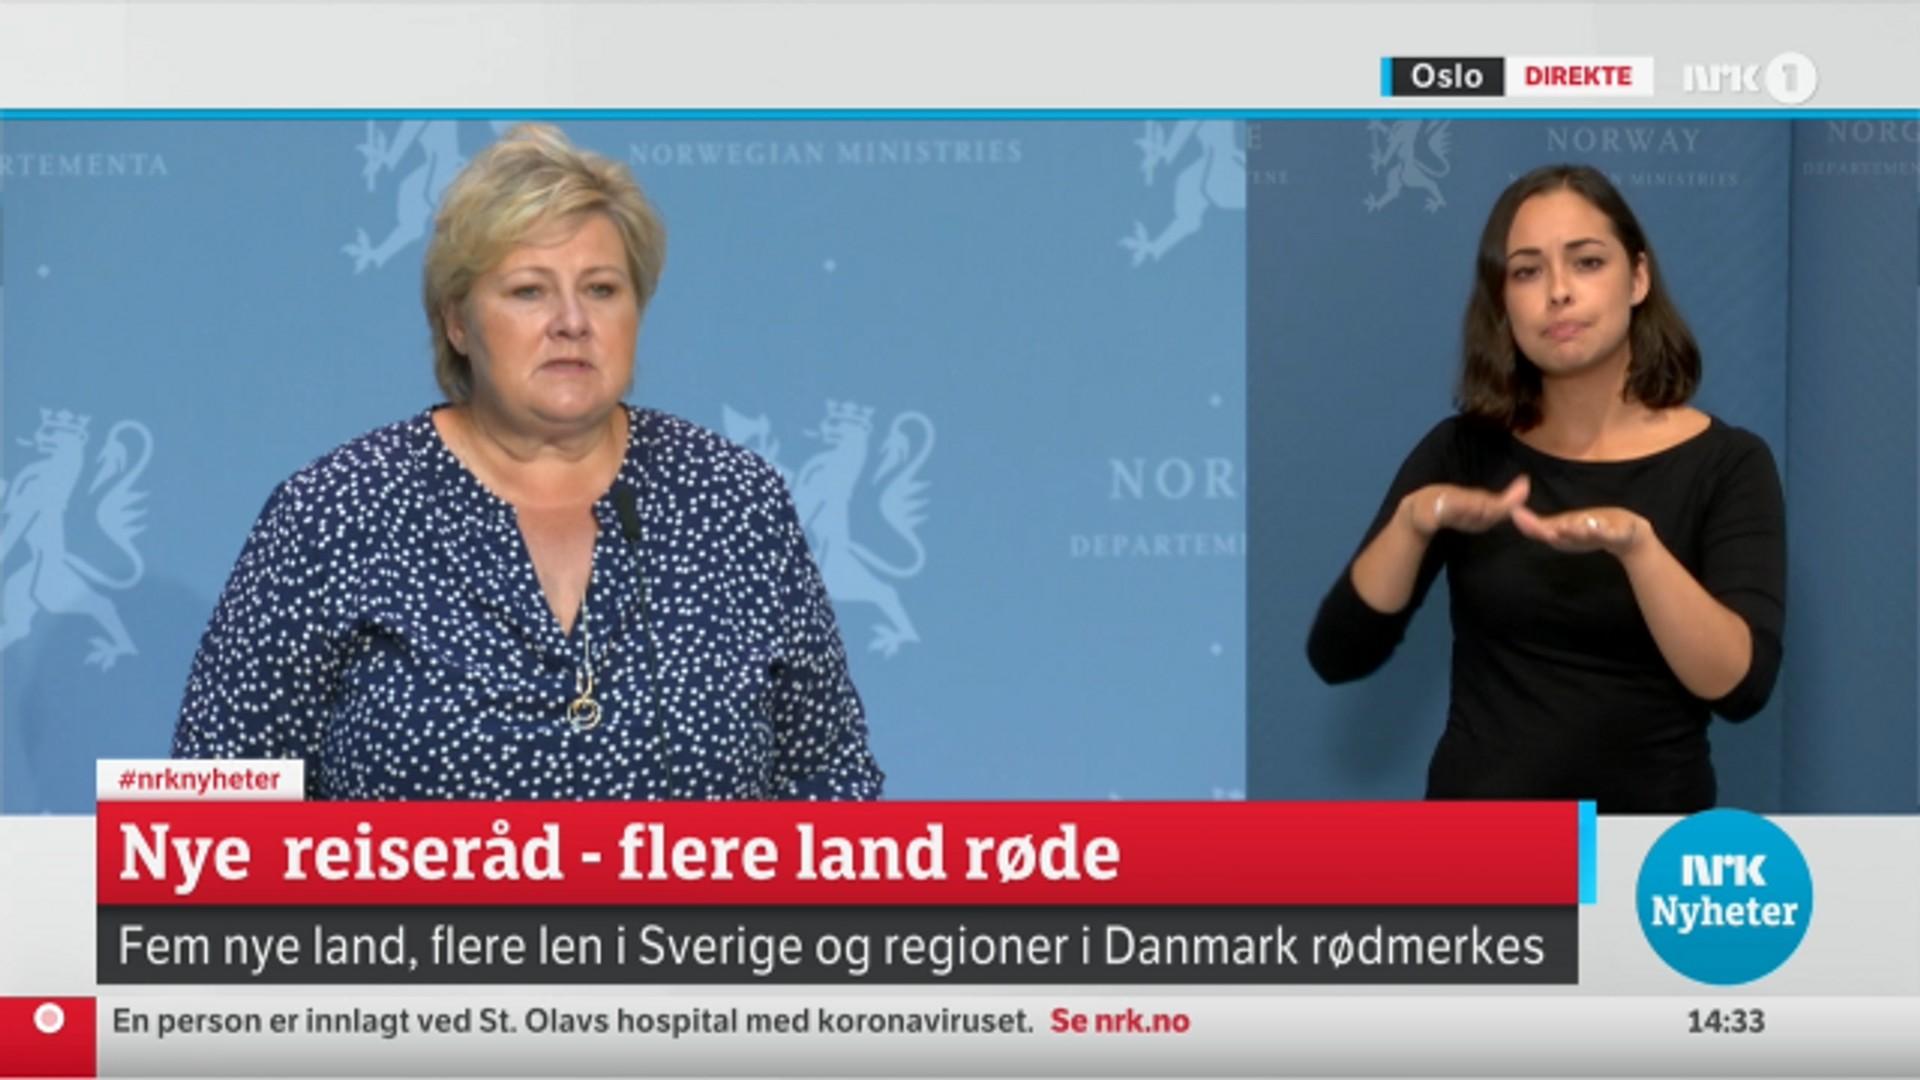 Regjeringen Fremskynder Korona Pressekonferanse Nrk Norge Oversikt Over Nyheter Fra Ulike Deler Av Landet